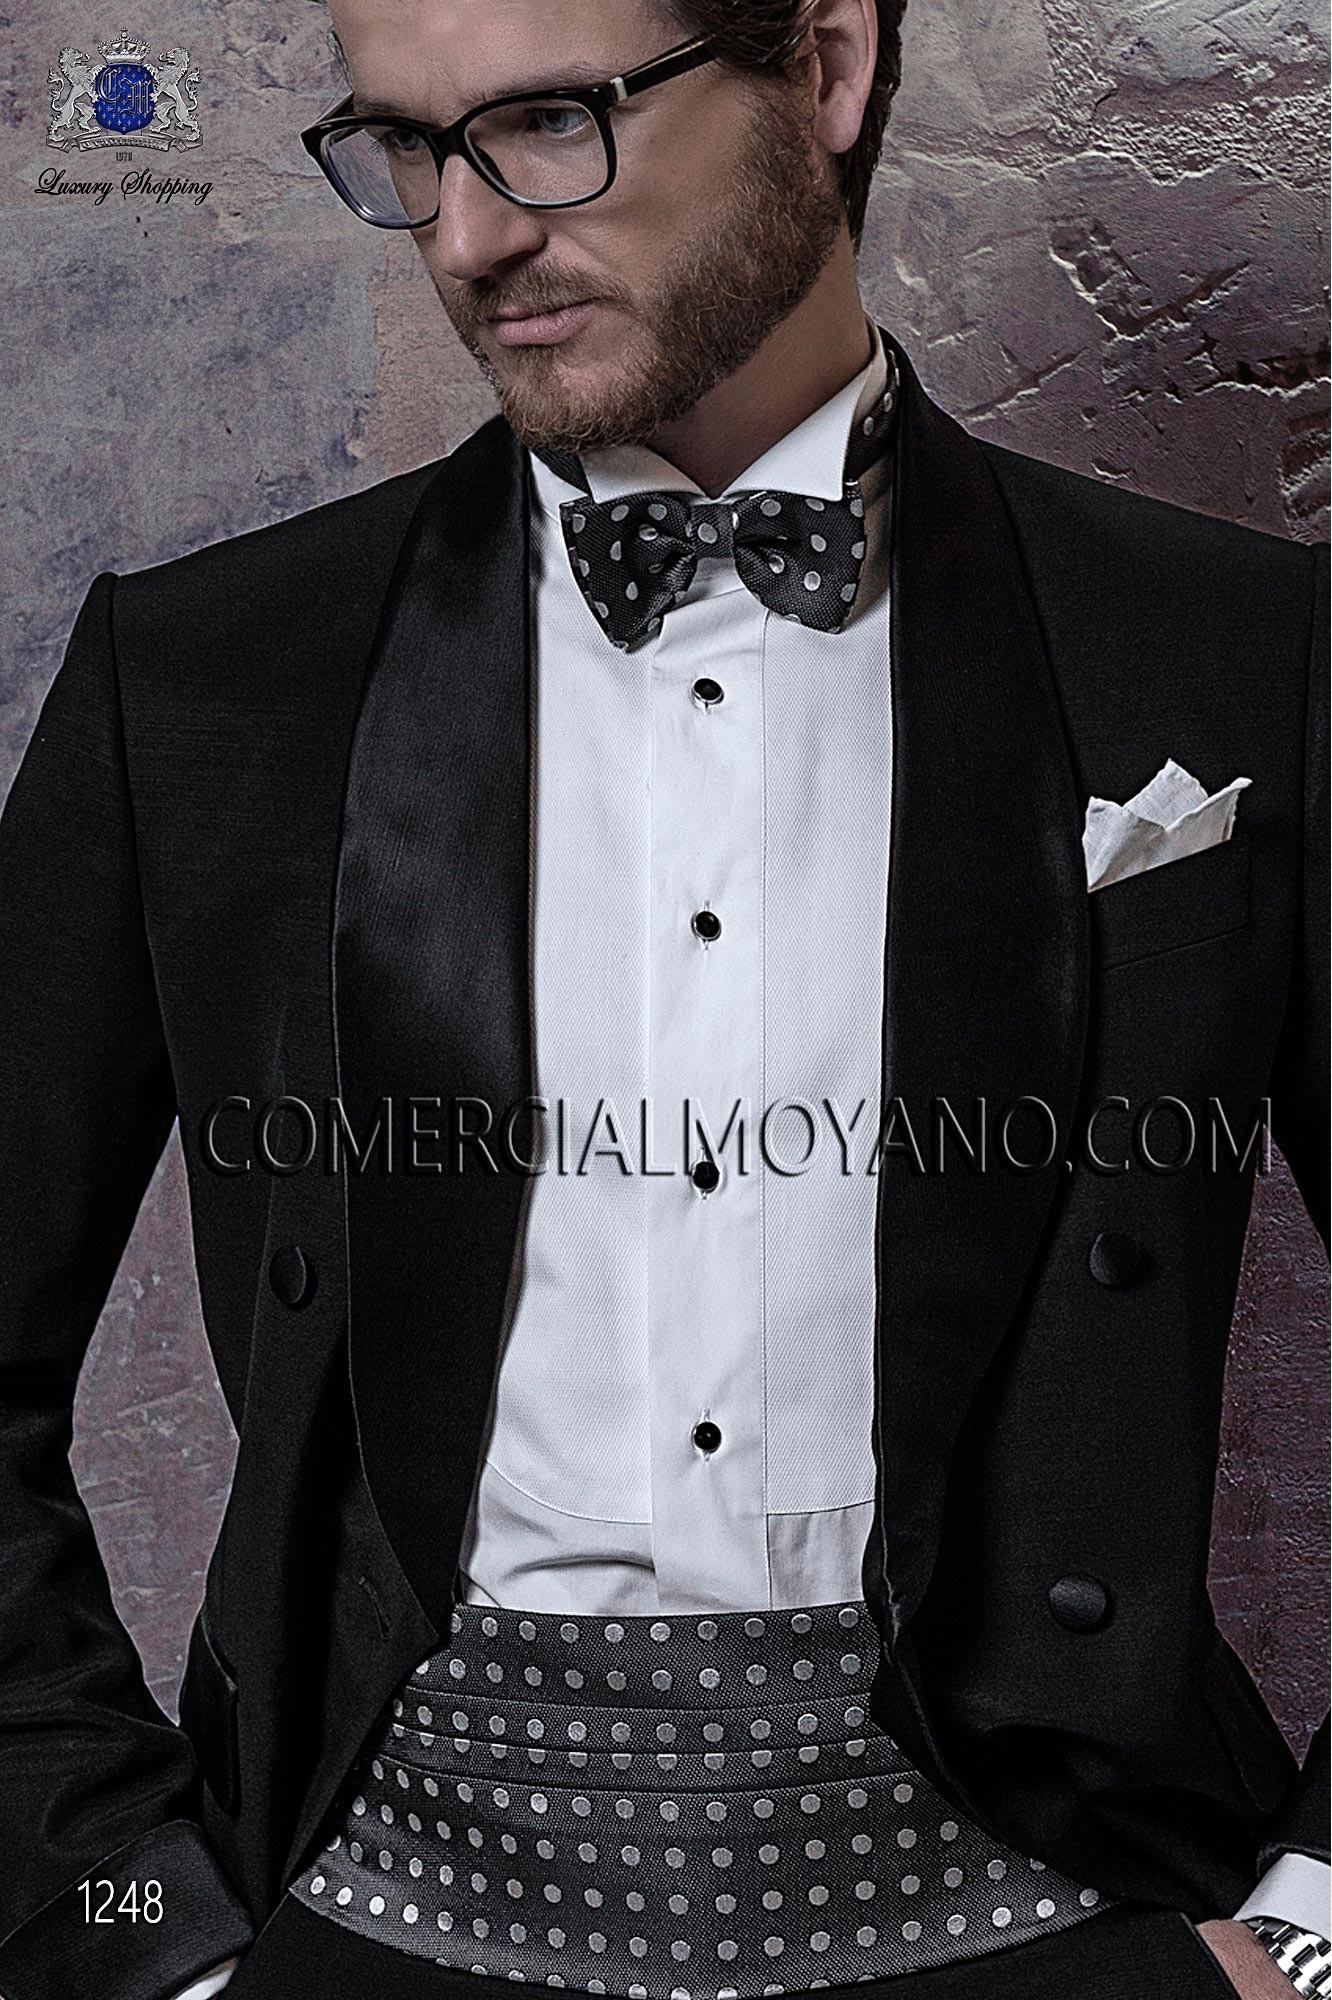 Traje BlackTie de novio negro modelo: 1248 Ottavio Nuccio Gala colección Black Tie 2017